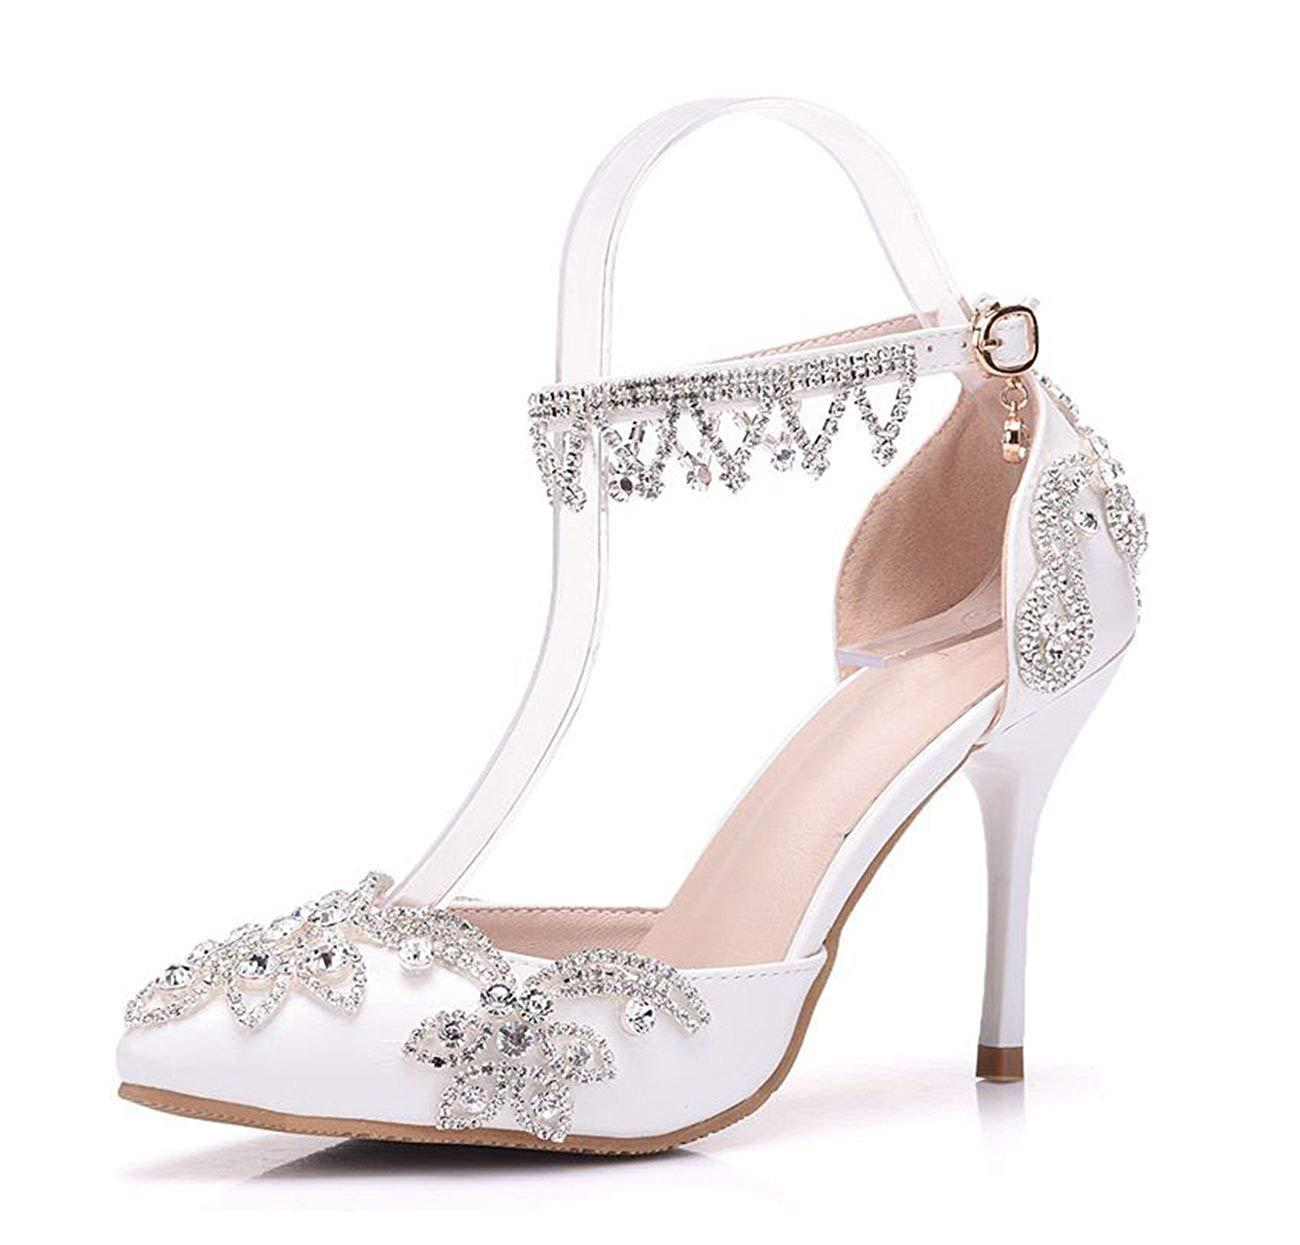 ZHRUI Les Les dames Pointues Toe Appliques de Satin de mariée mariée Cheville Chaines Chaussures (Couleuré   blanc-10cm Heel, Taille   3.5 UK)